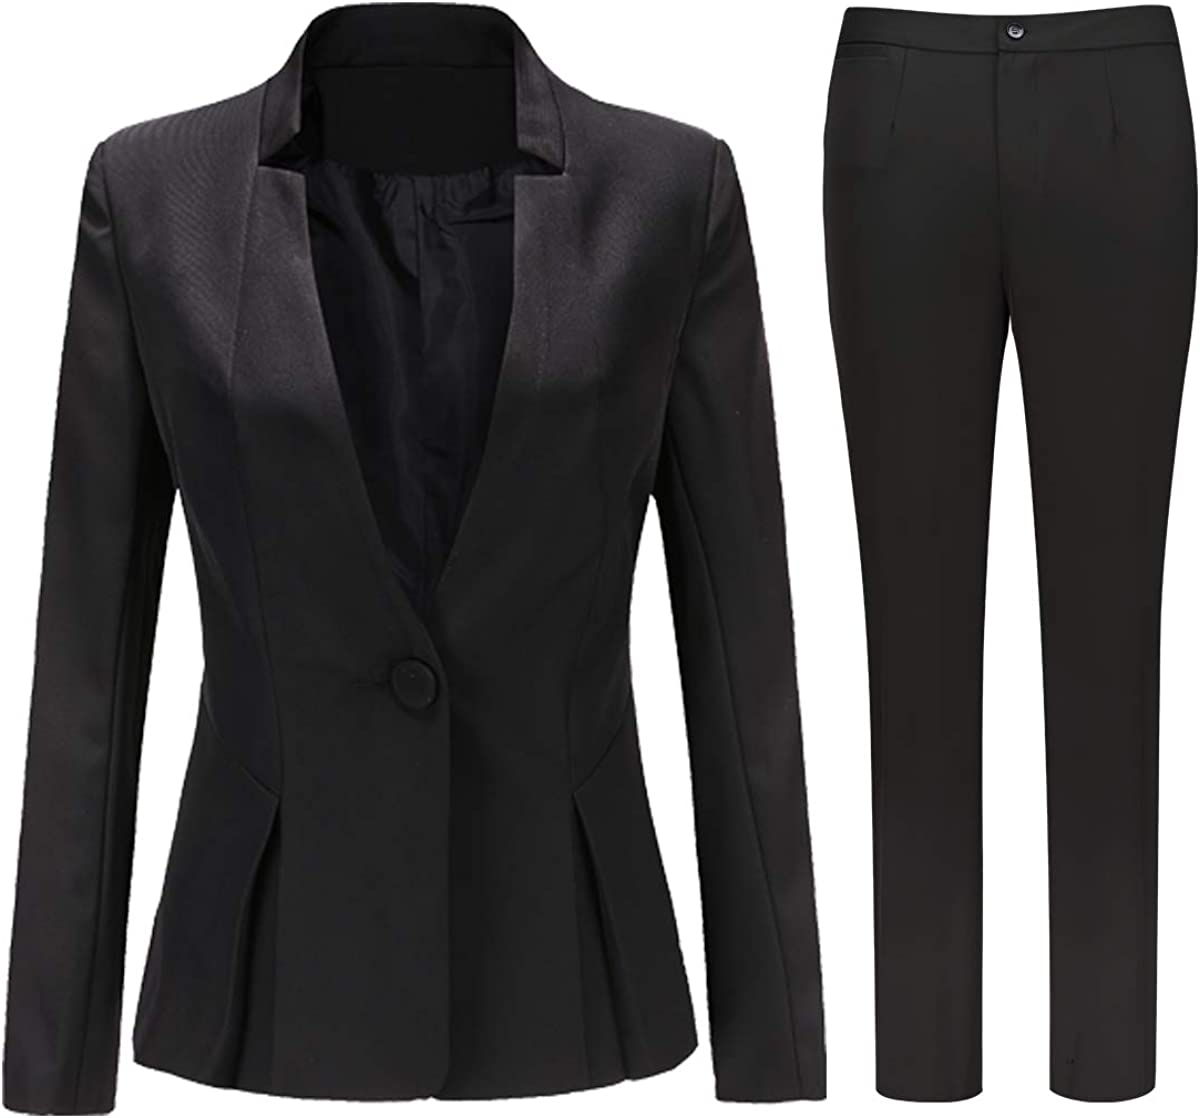 Women's Slim Fit 2 Piece Suit Set 1 Button Blazer Jacket and Suit Pants